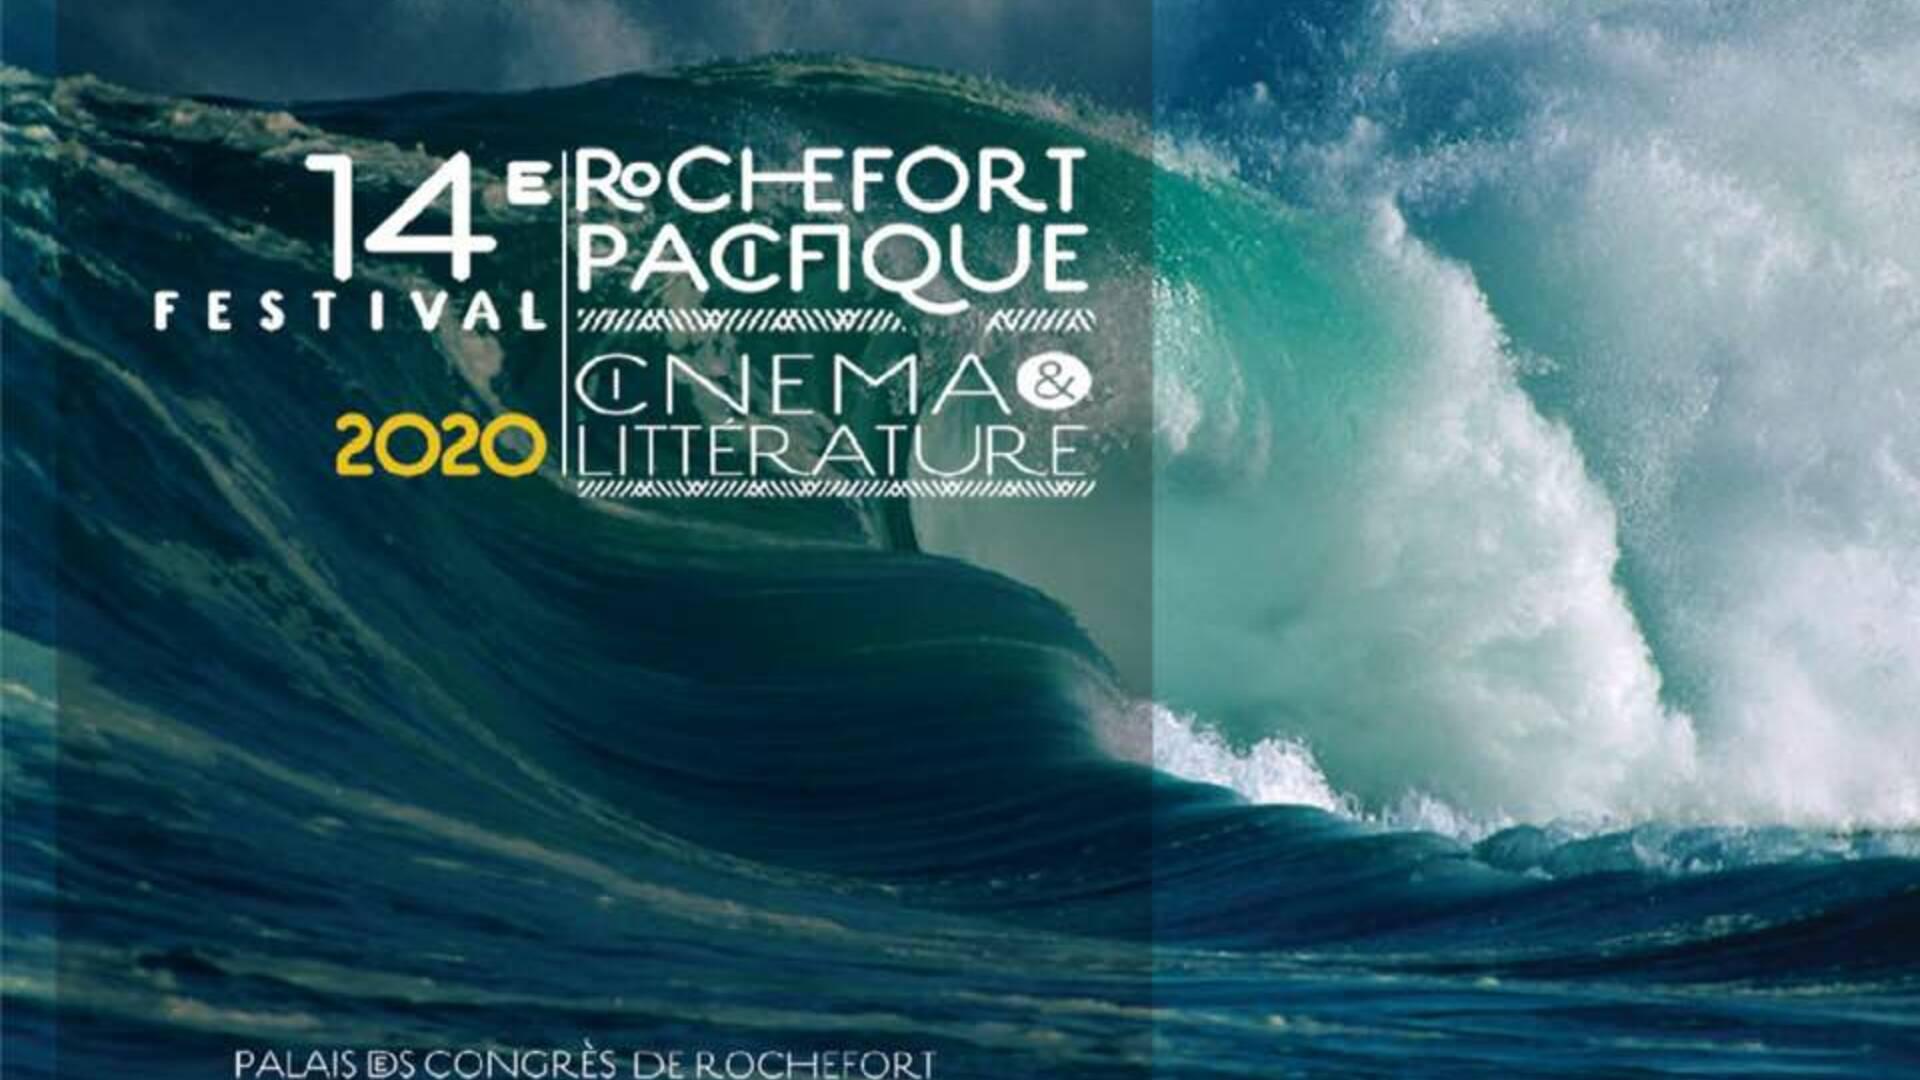 Affiche Festival Rochefort Pacifique les 24 et 25 OCTOBRE 2020